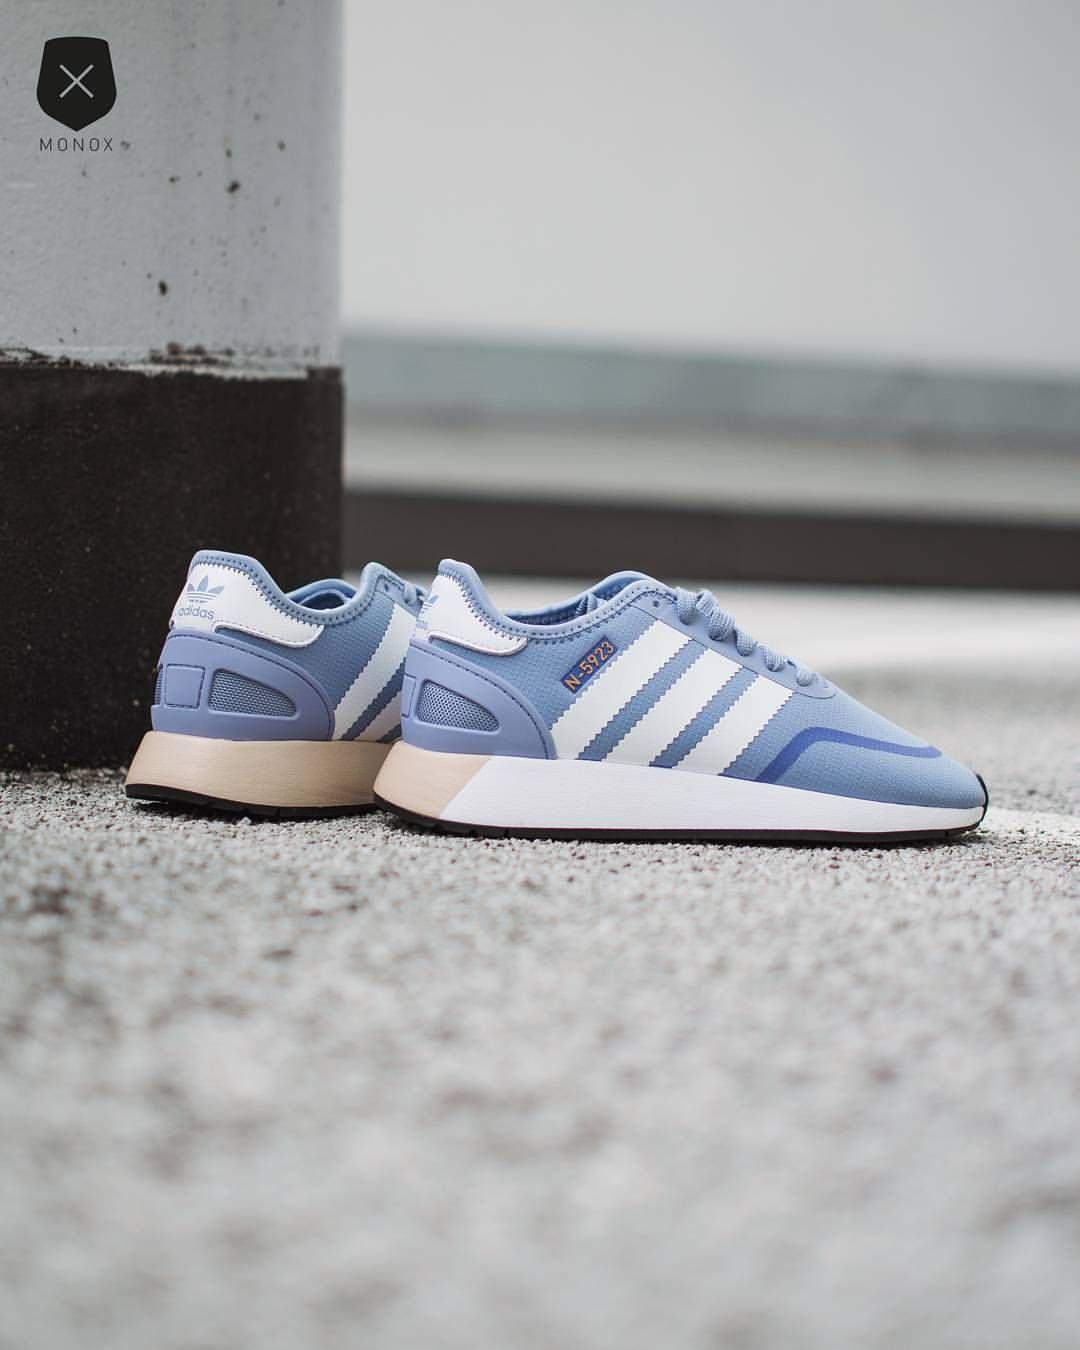 adidas Originals N-5923 | Sneakers men fashion, Sneakers, Sneaker head